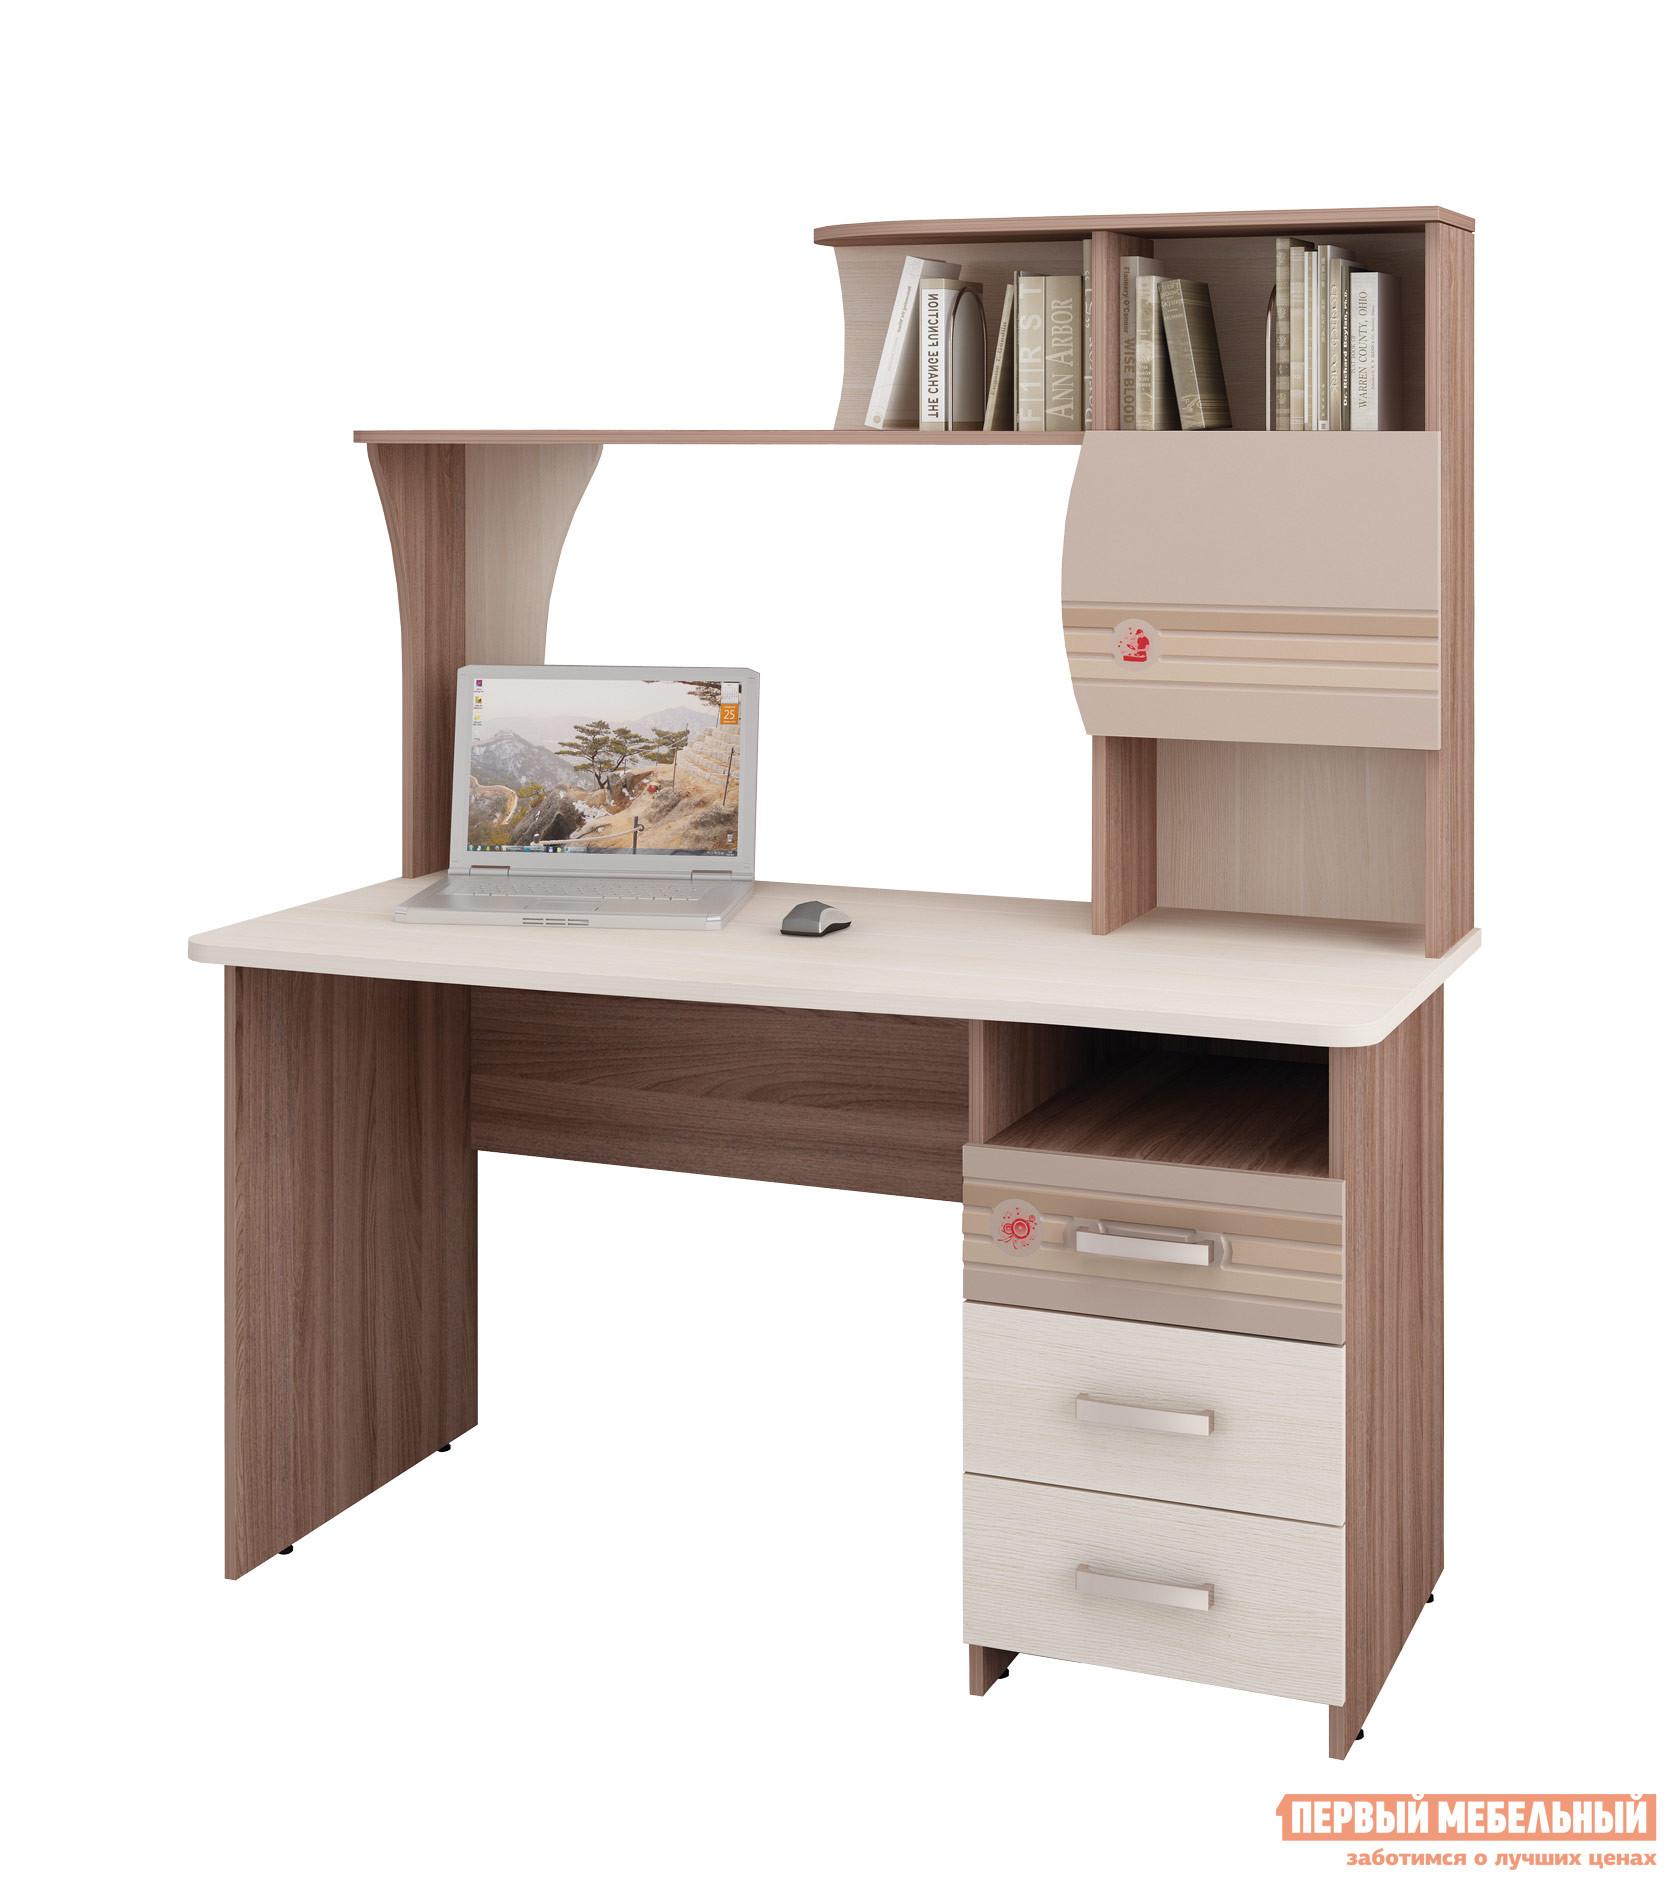 Компьютерный стол детский Витра Британия-52.13 стол с ящиками витра 19 71